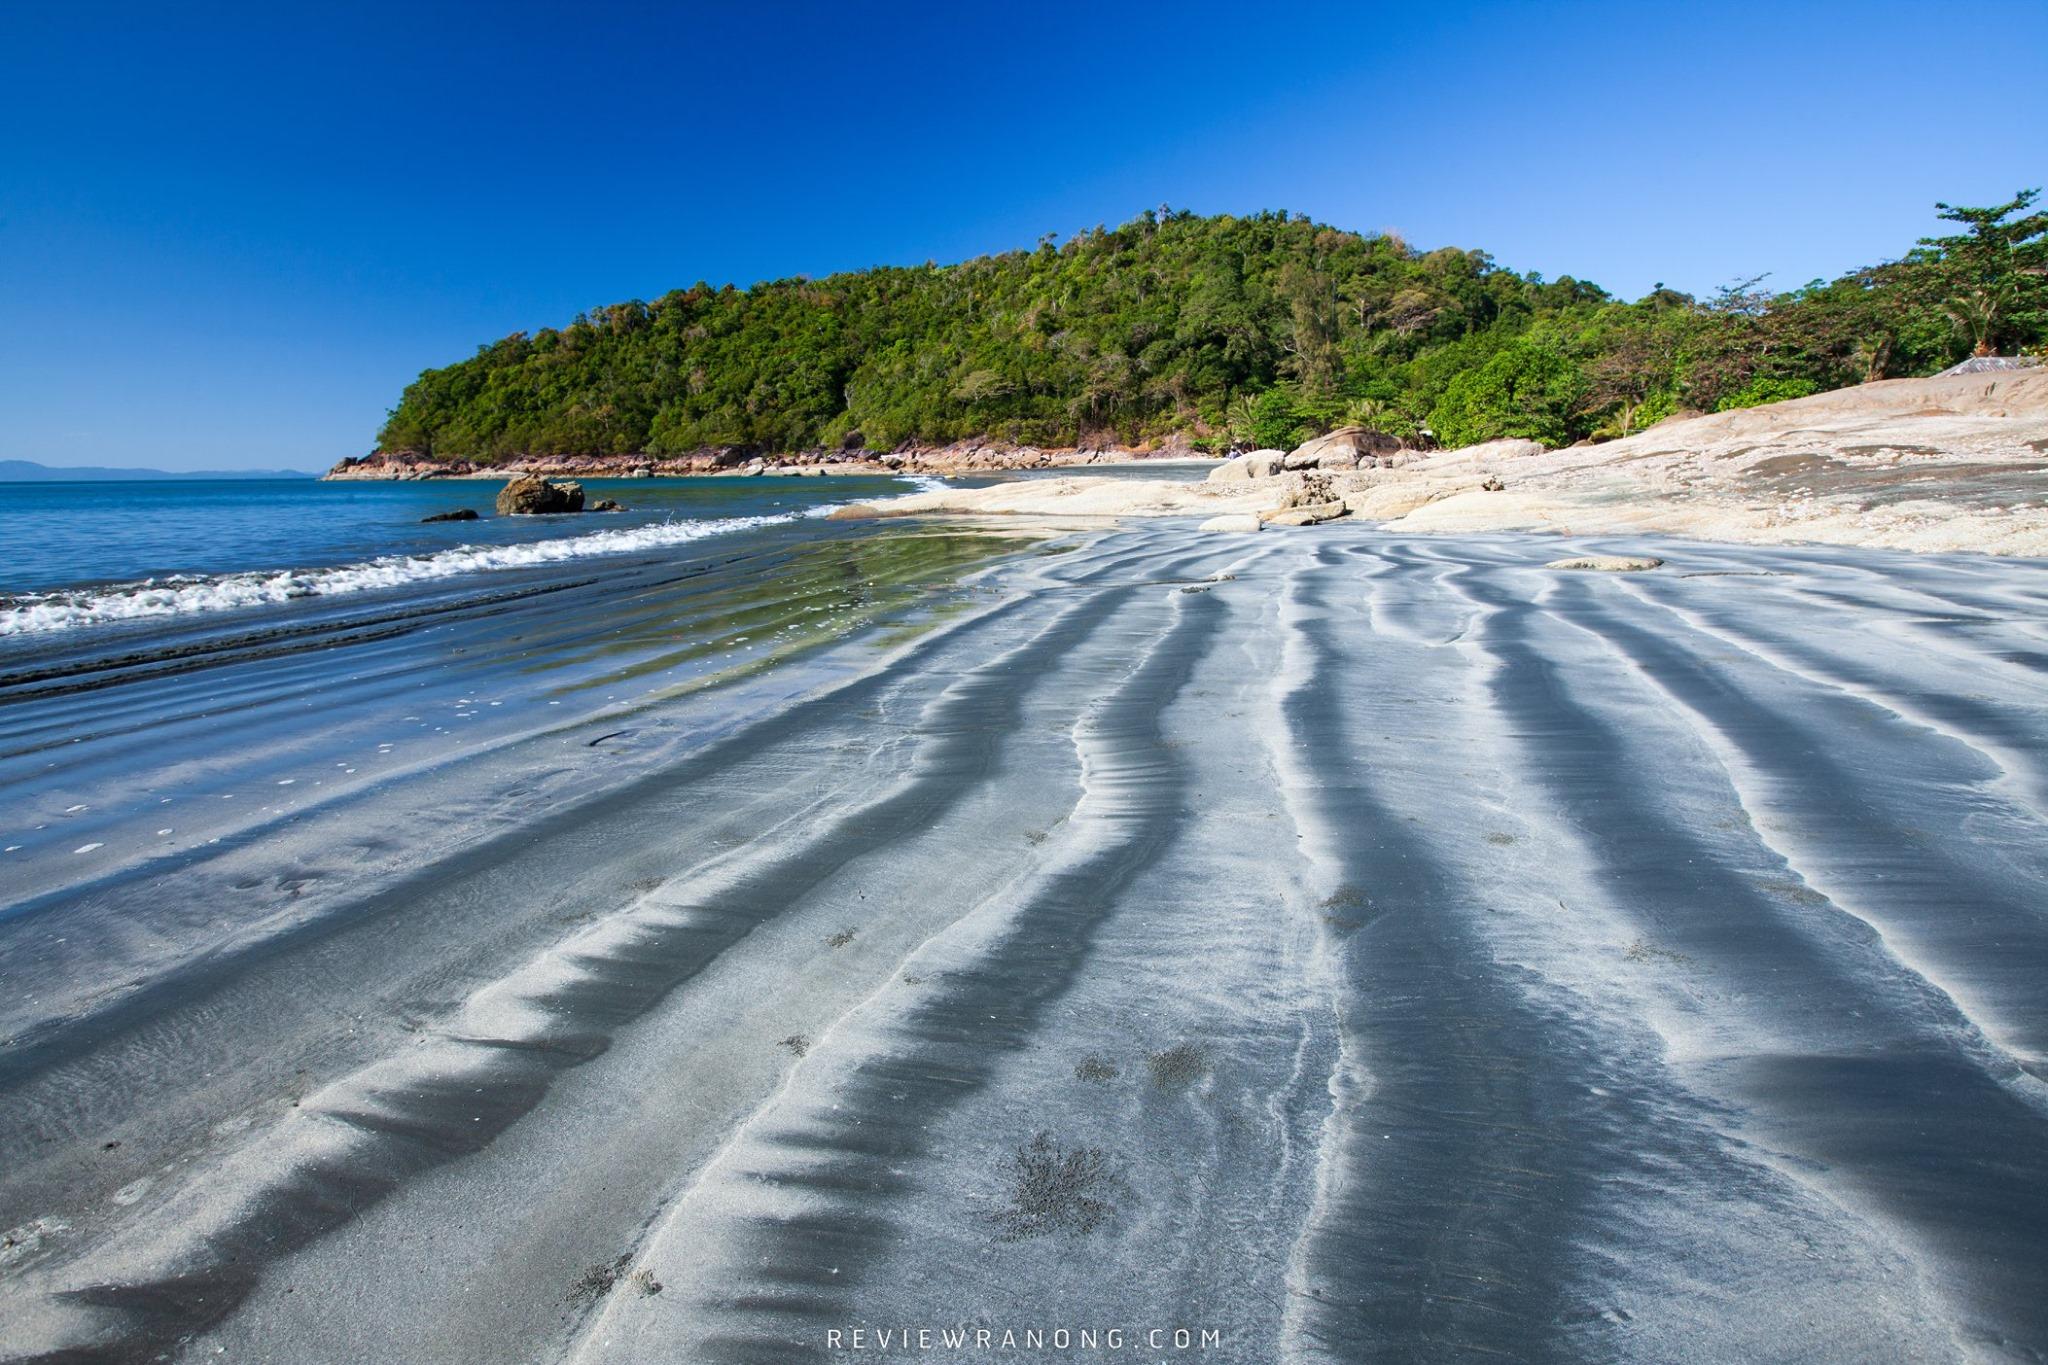 10.-เกาะช้าง  จุดเช็คอิน,ระนอง,สถานที่ท่องเที่ยว,ของกิน,ทะเล,ภูเขา